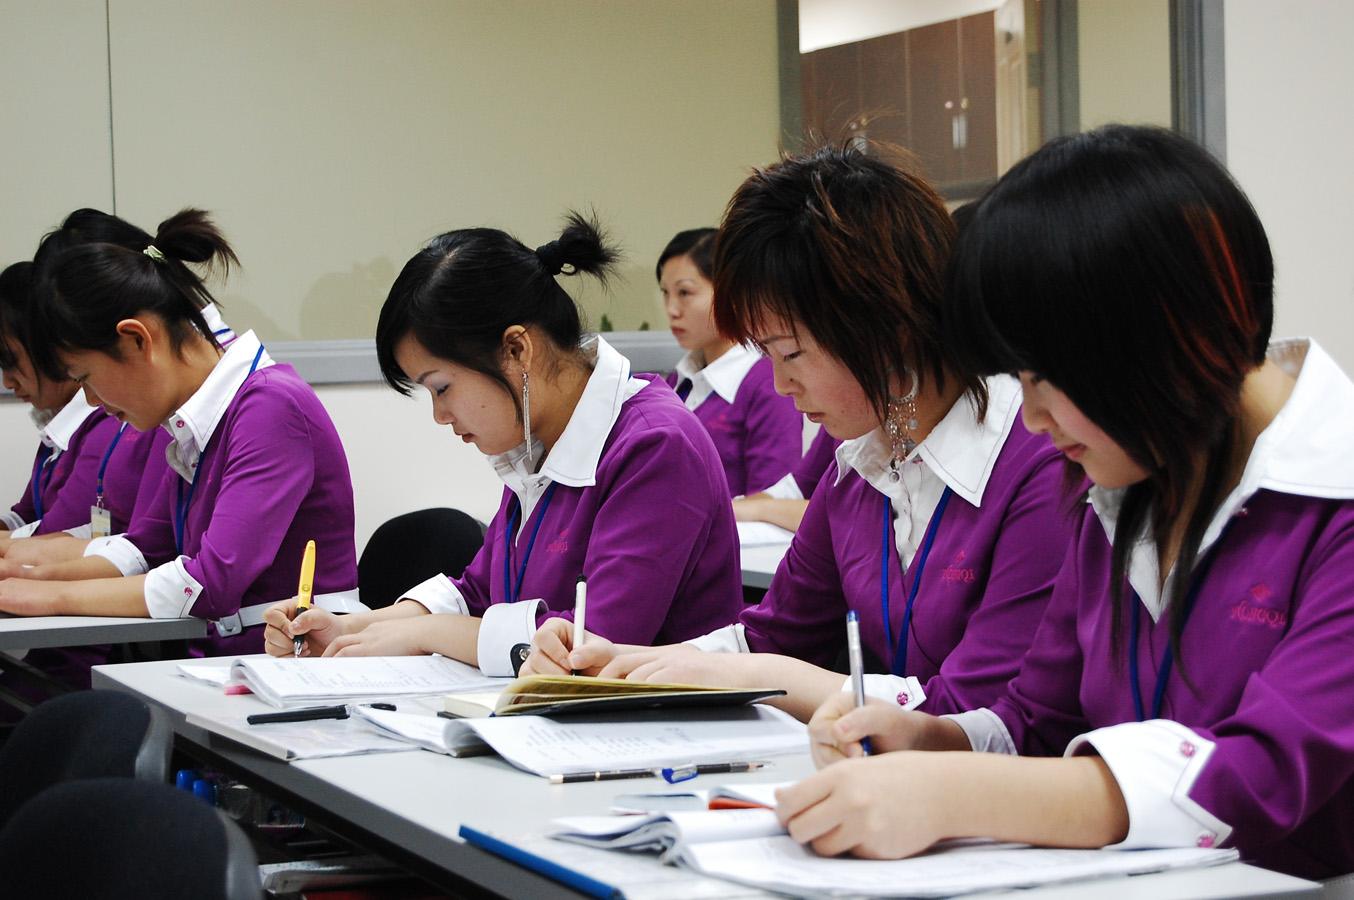 上海永琪美容美发学校的新闻-138edu.com图片